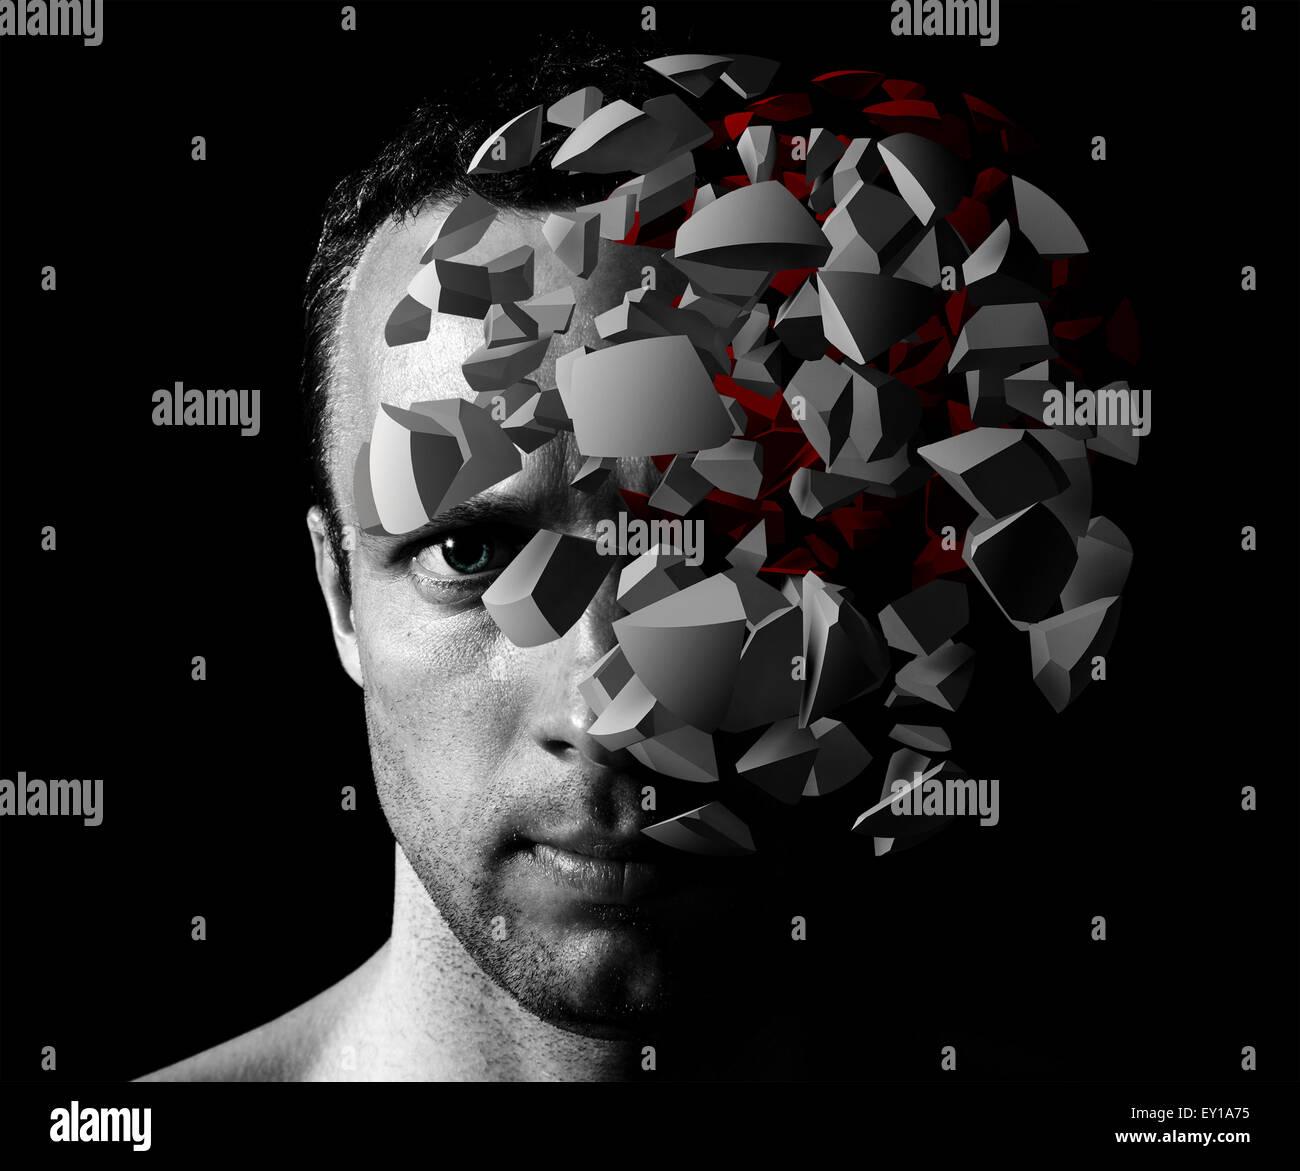 Kaukasischen Mann kreative Portrait mit 3d Explosion Fragmente auf schwarzem Hintergrund Stockbild